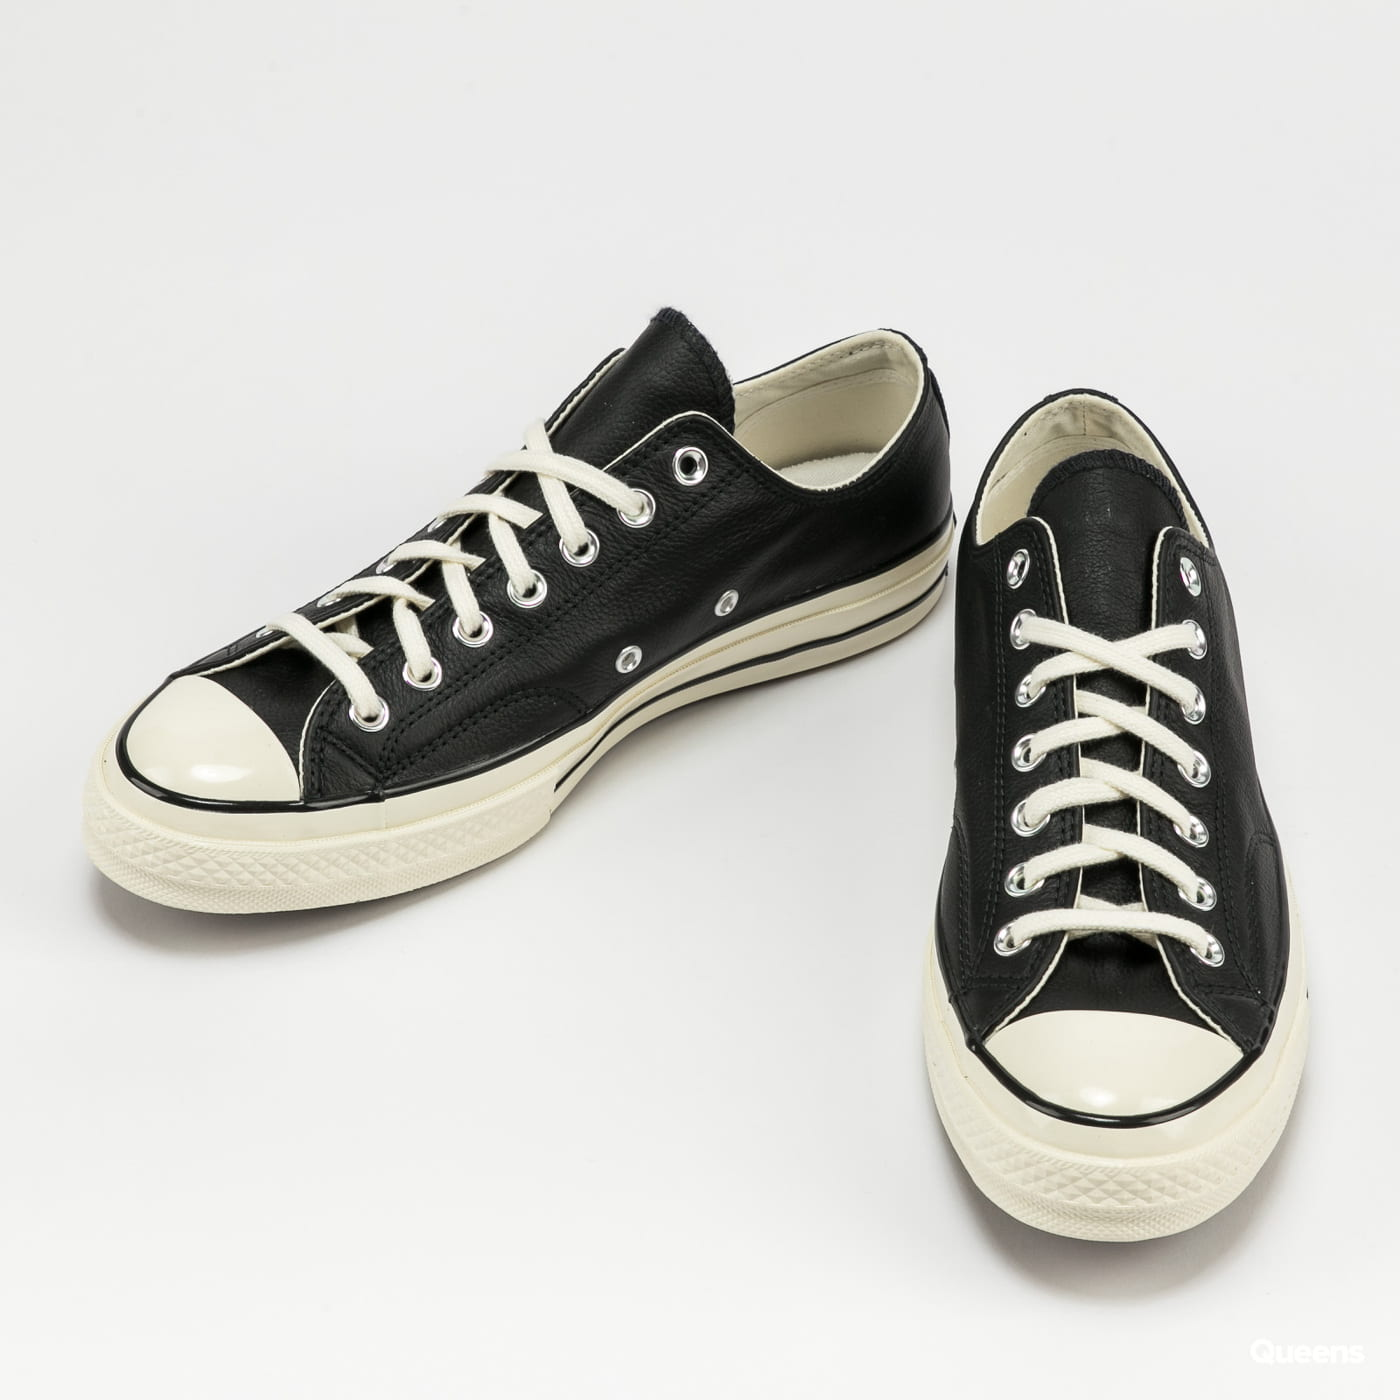 Converse Chuck 70 OX black / egret / egret